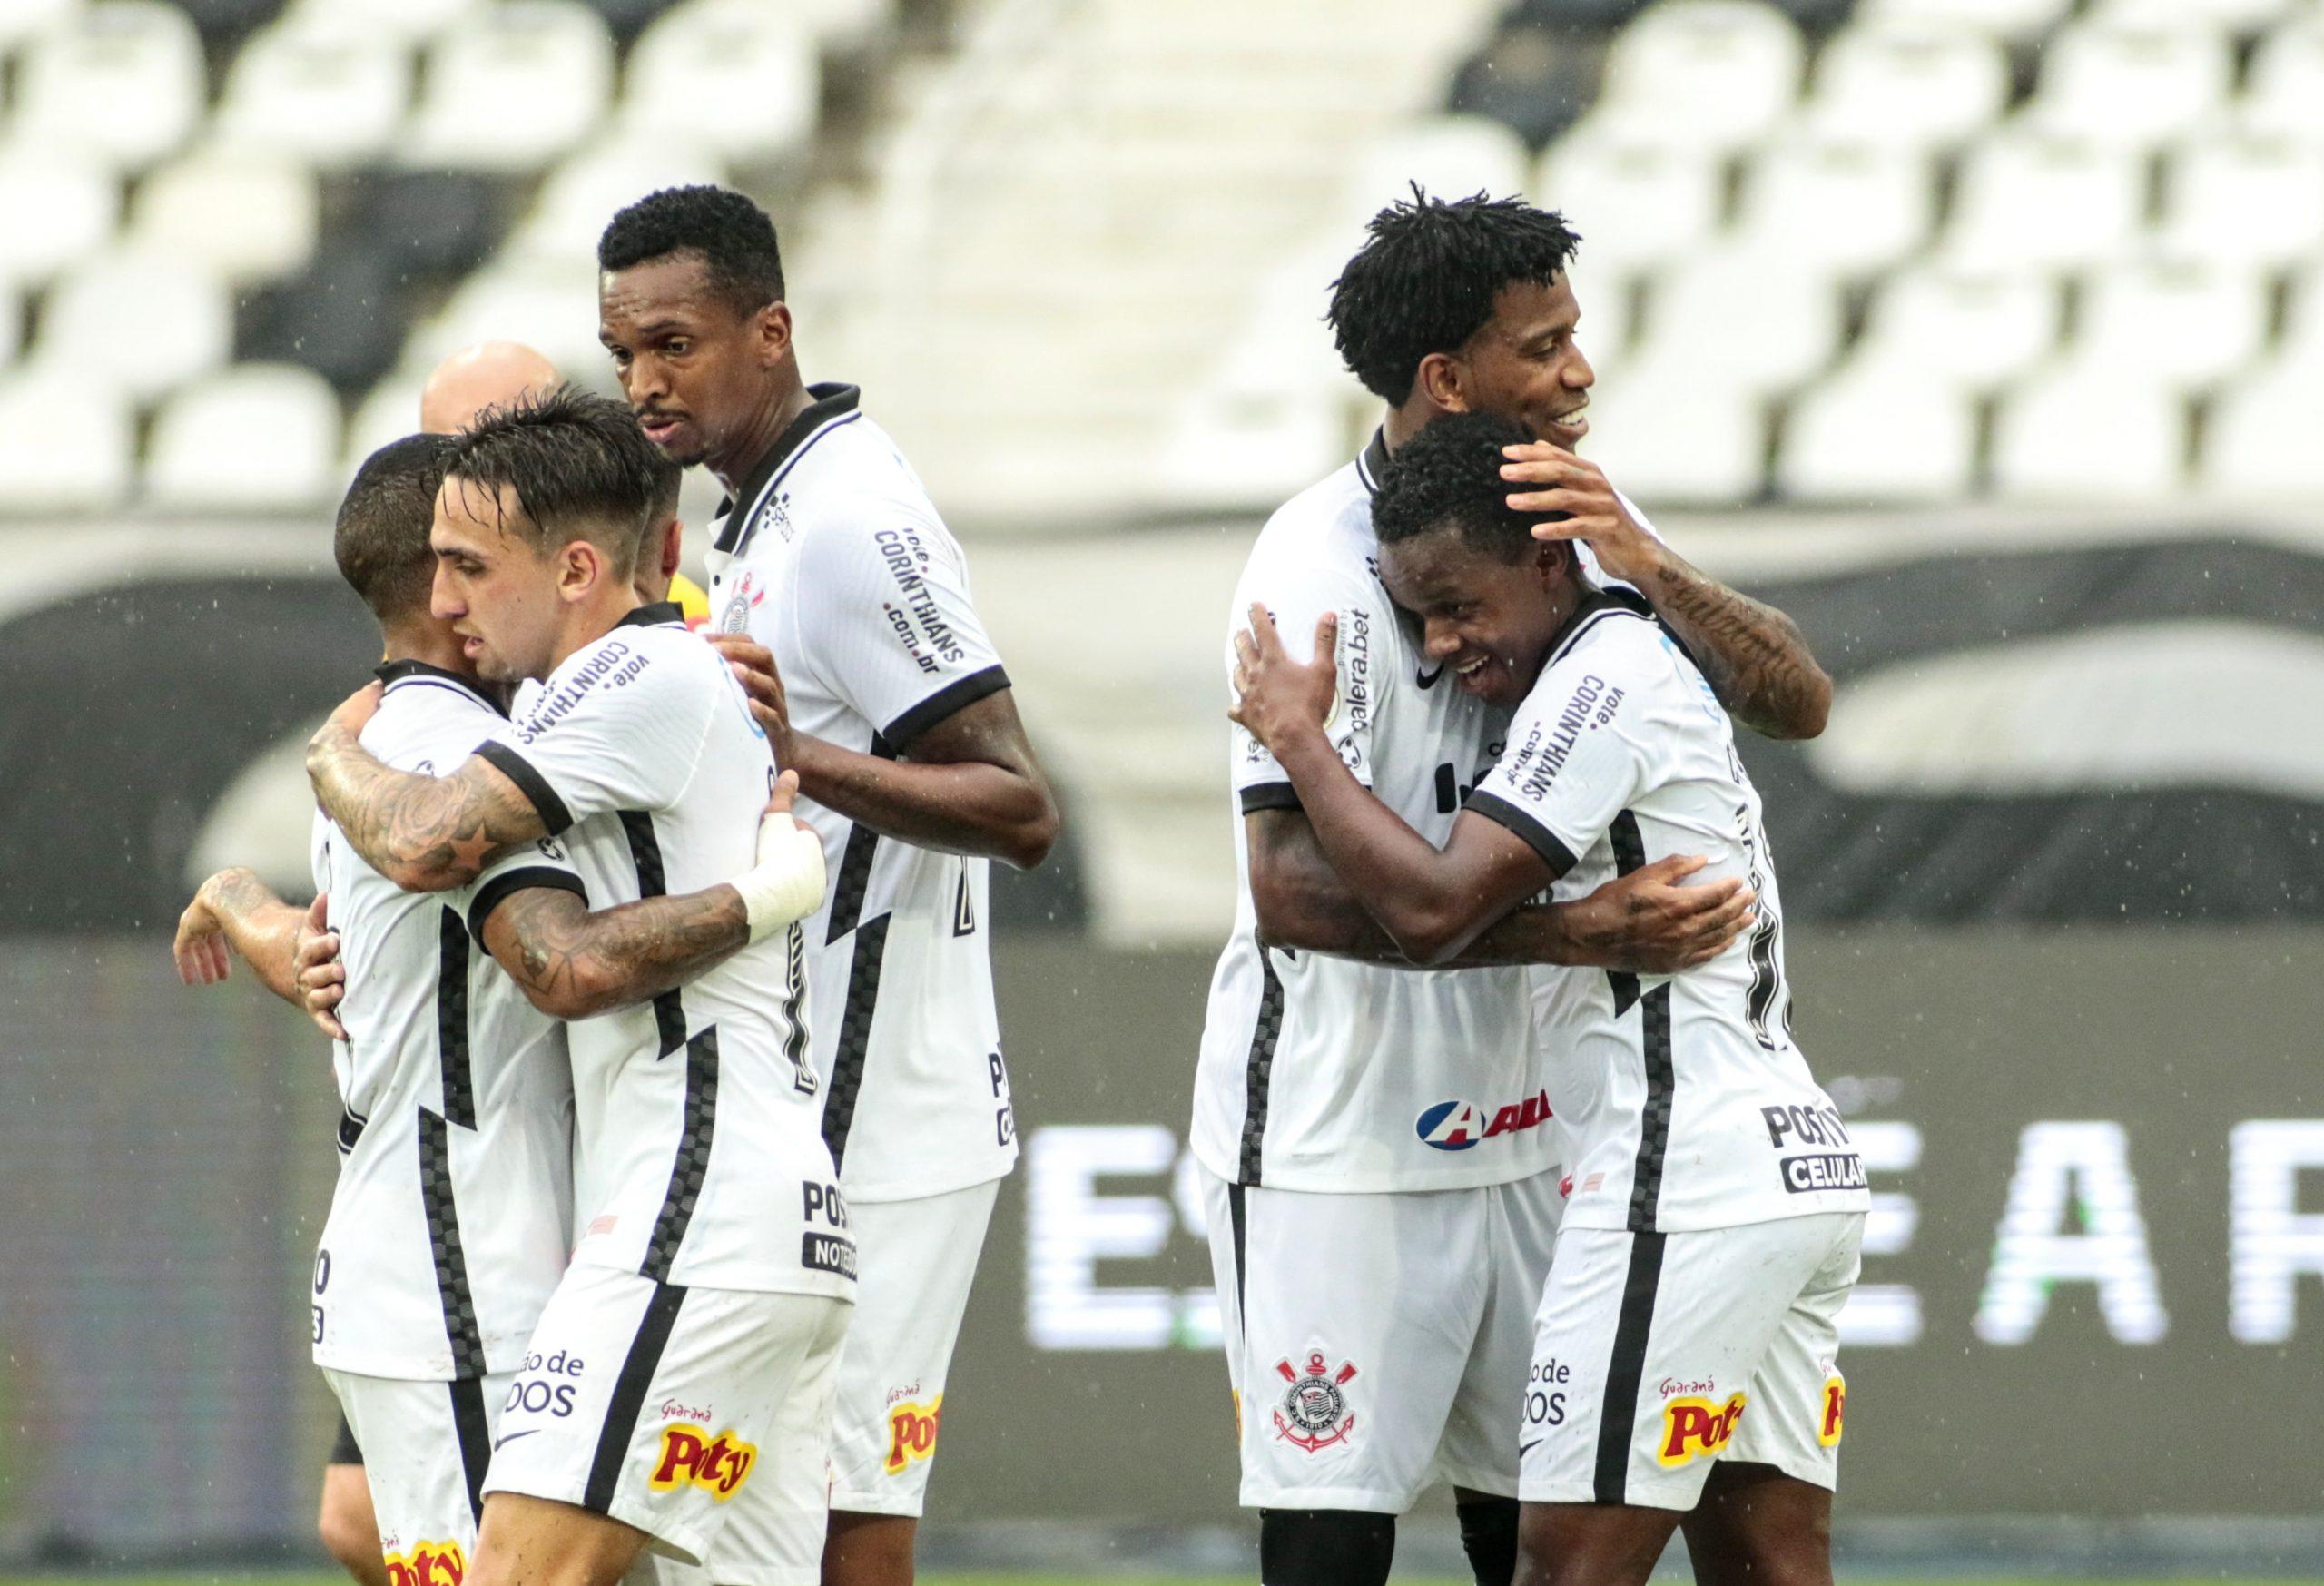 Corinthians x Fluminense - Onde assistir, pendurados, desfalques,  escalações e arbitragem - Central do Timão - Notícias do Corinthians